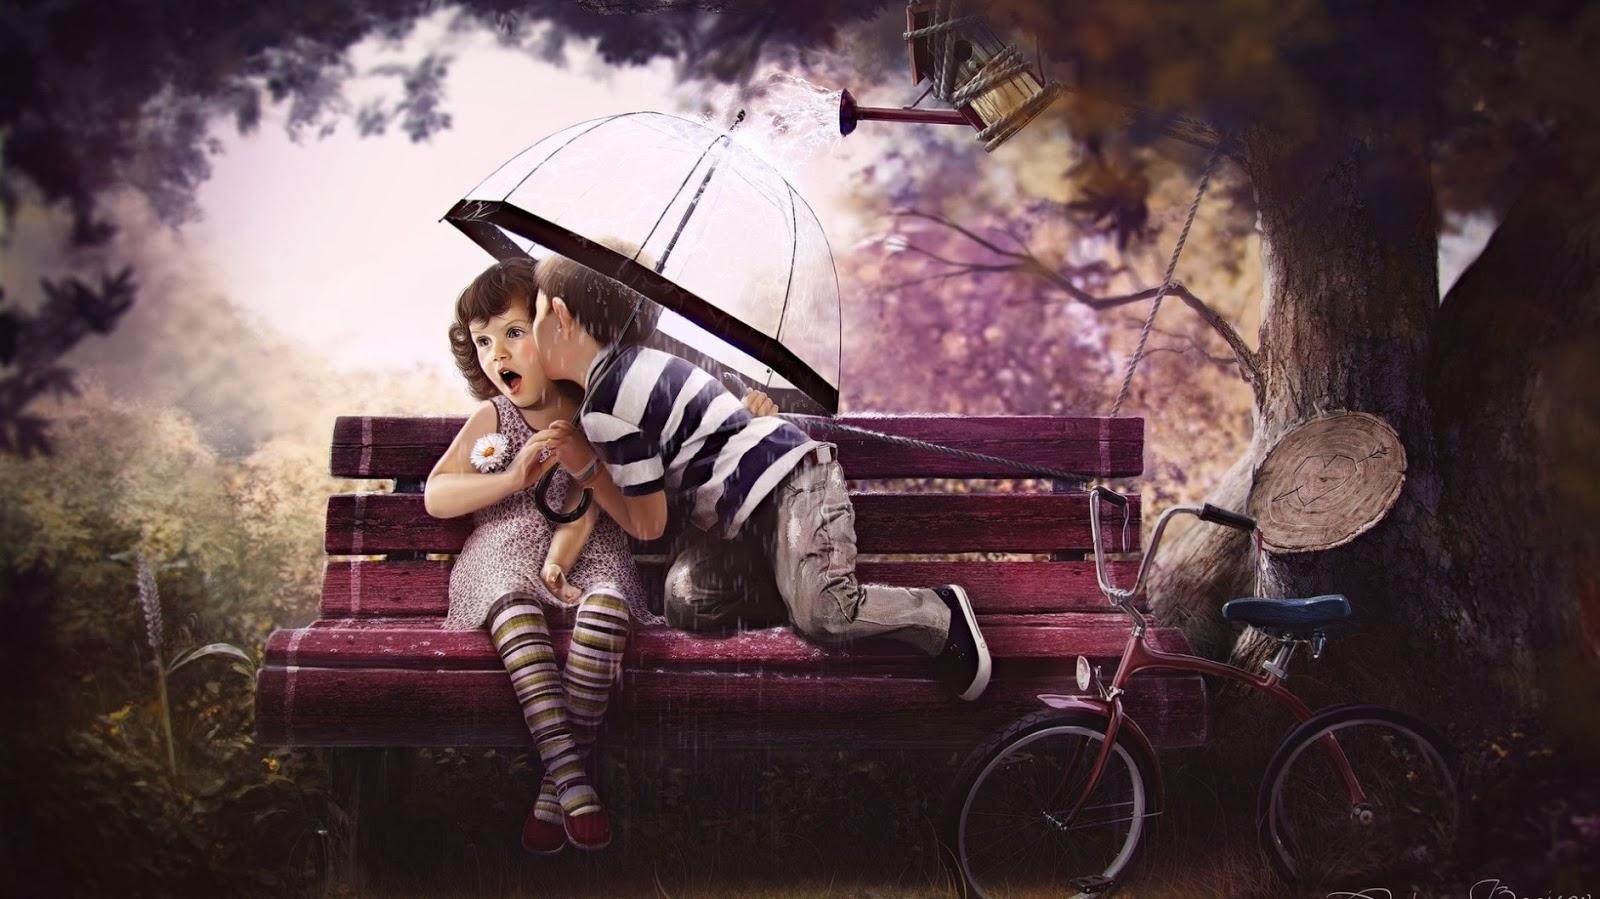 Nice Little Boy And Girl Romantic Mood